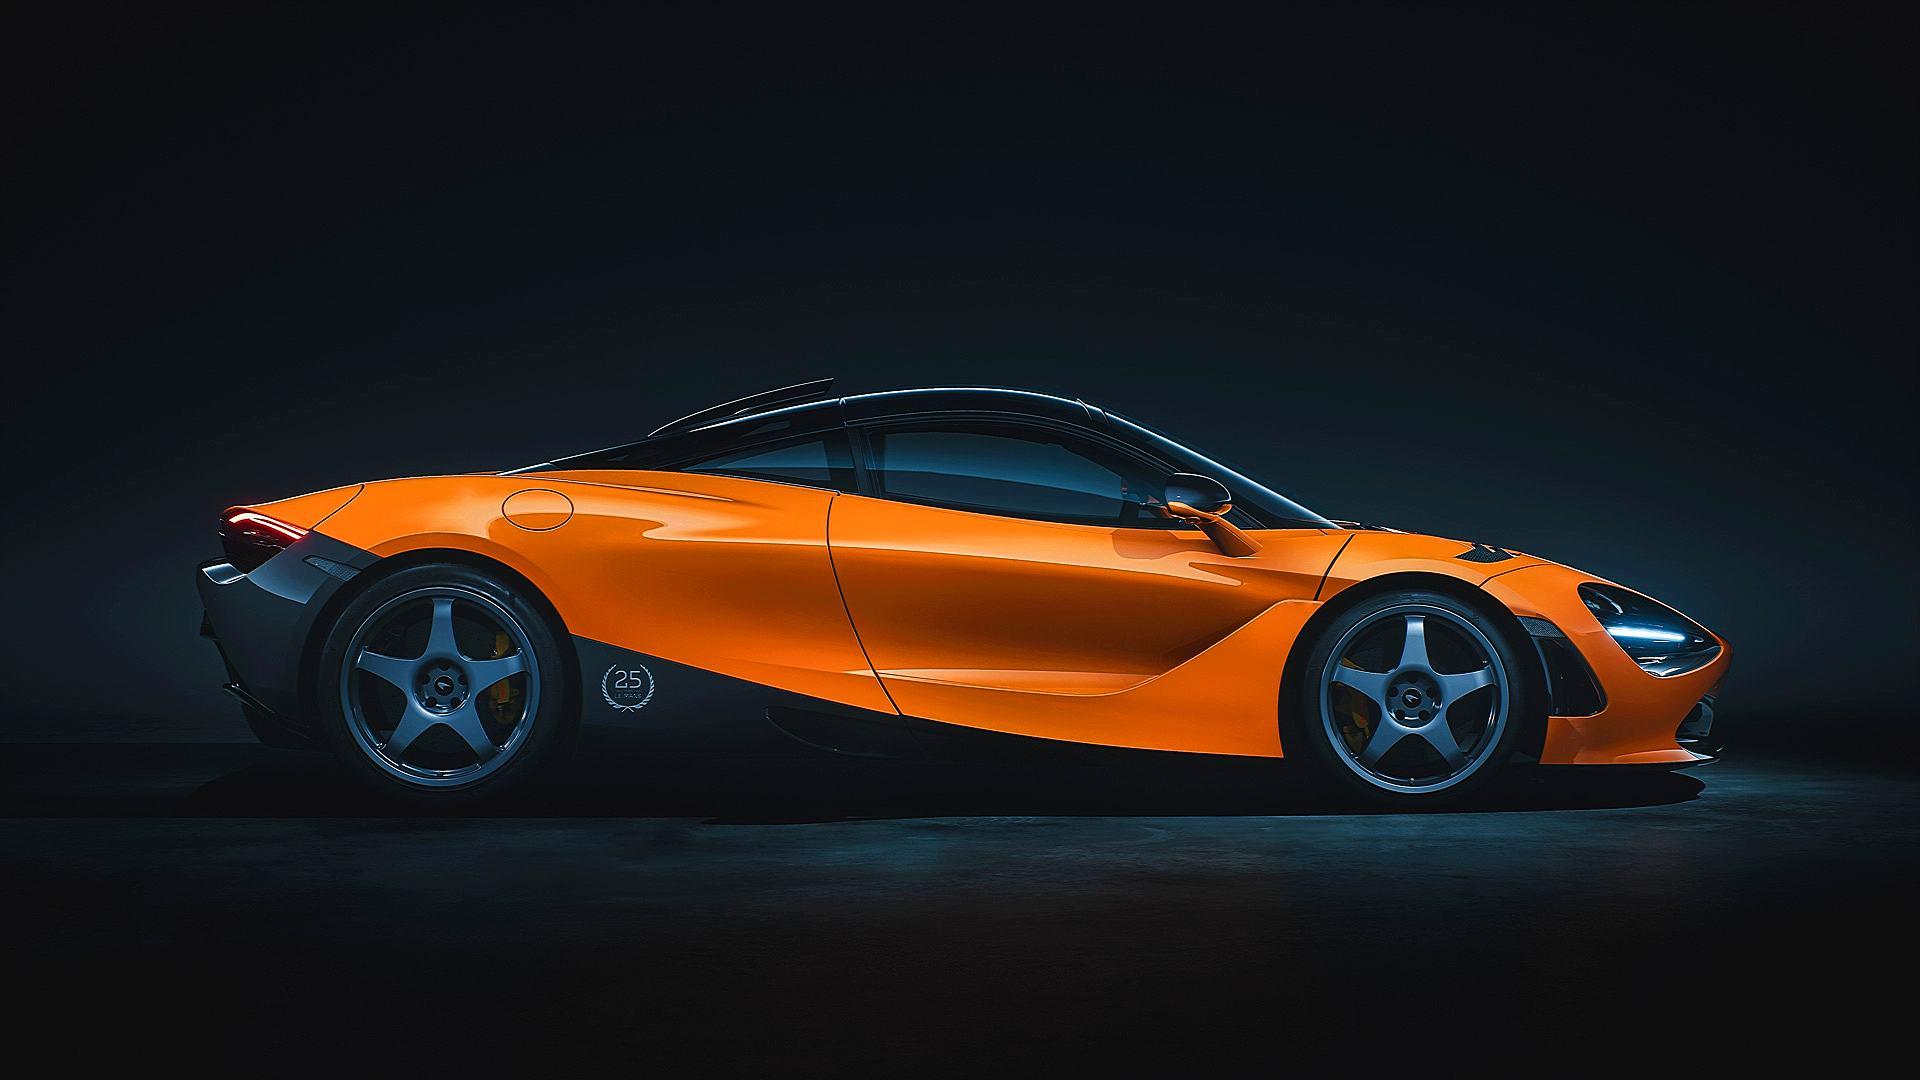 2020 McLaren 720S Le Mans Pictures Wallpaper